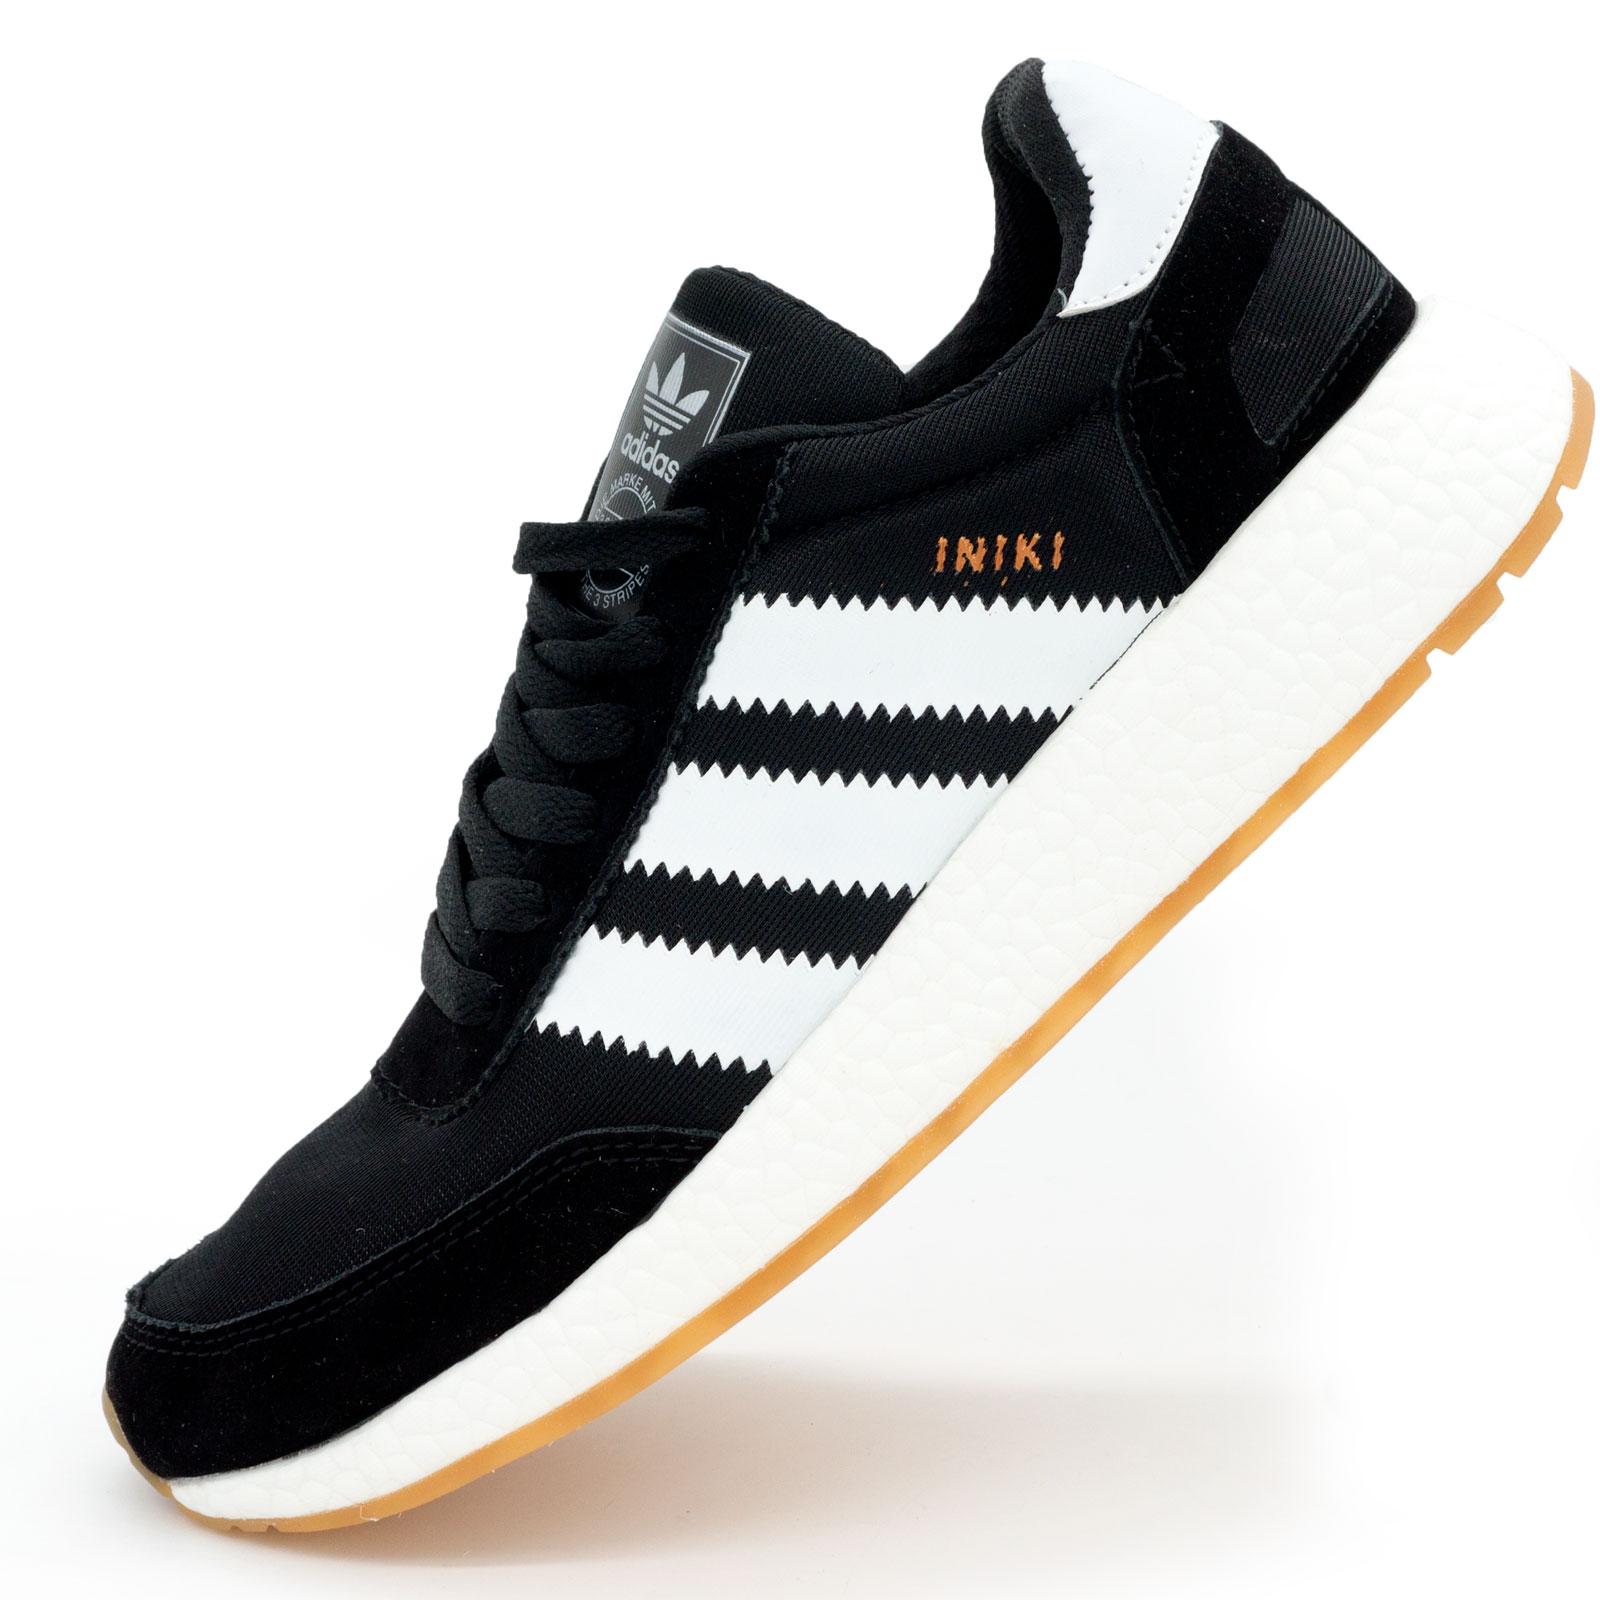 фото main Кроссовки для бега Adidas Iniki Runner черные с белыми полосками main